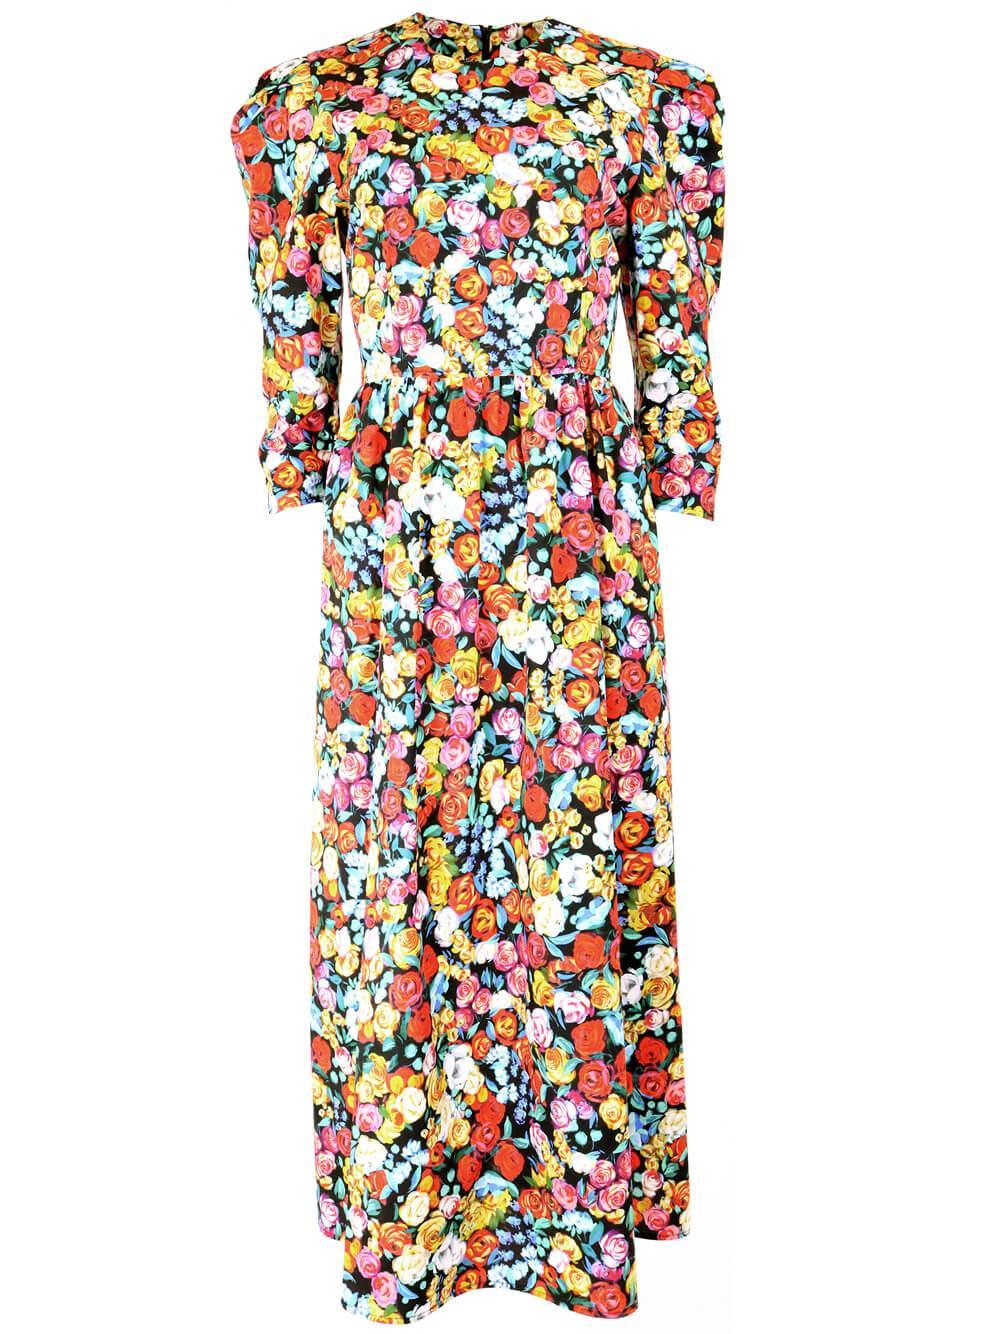 Patterson Floral Dress Item # 20FD21